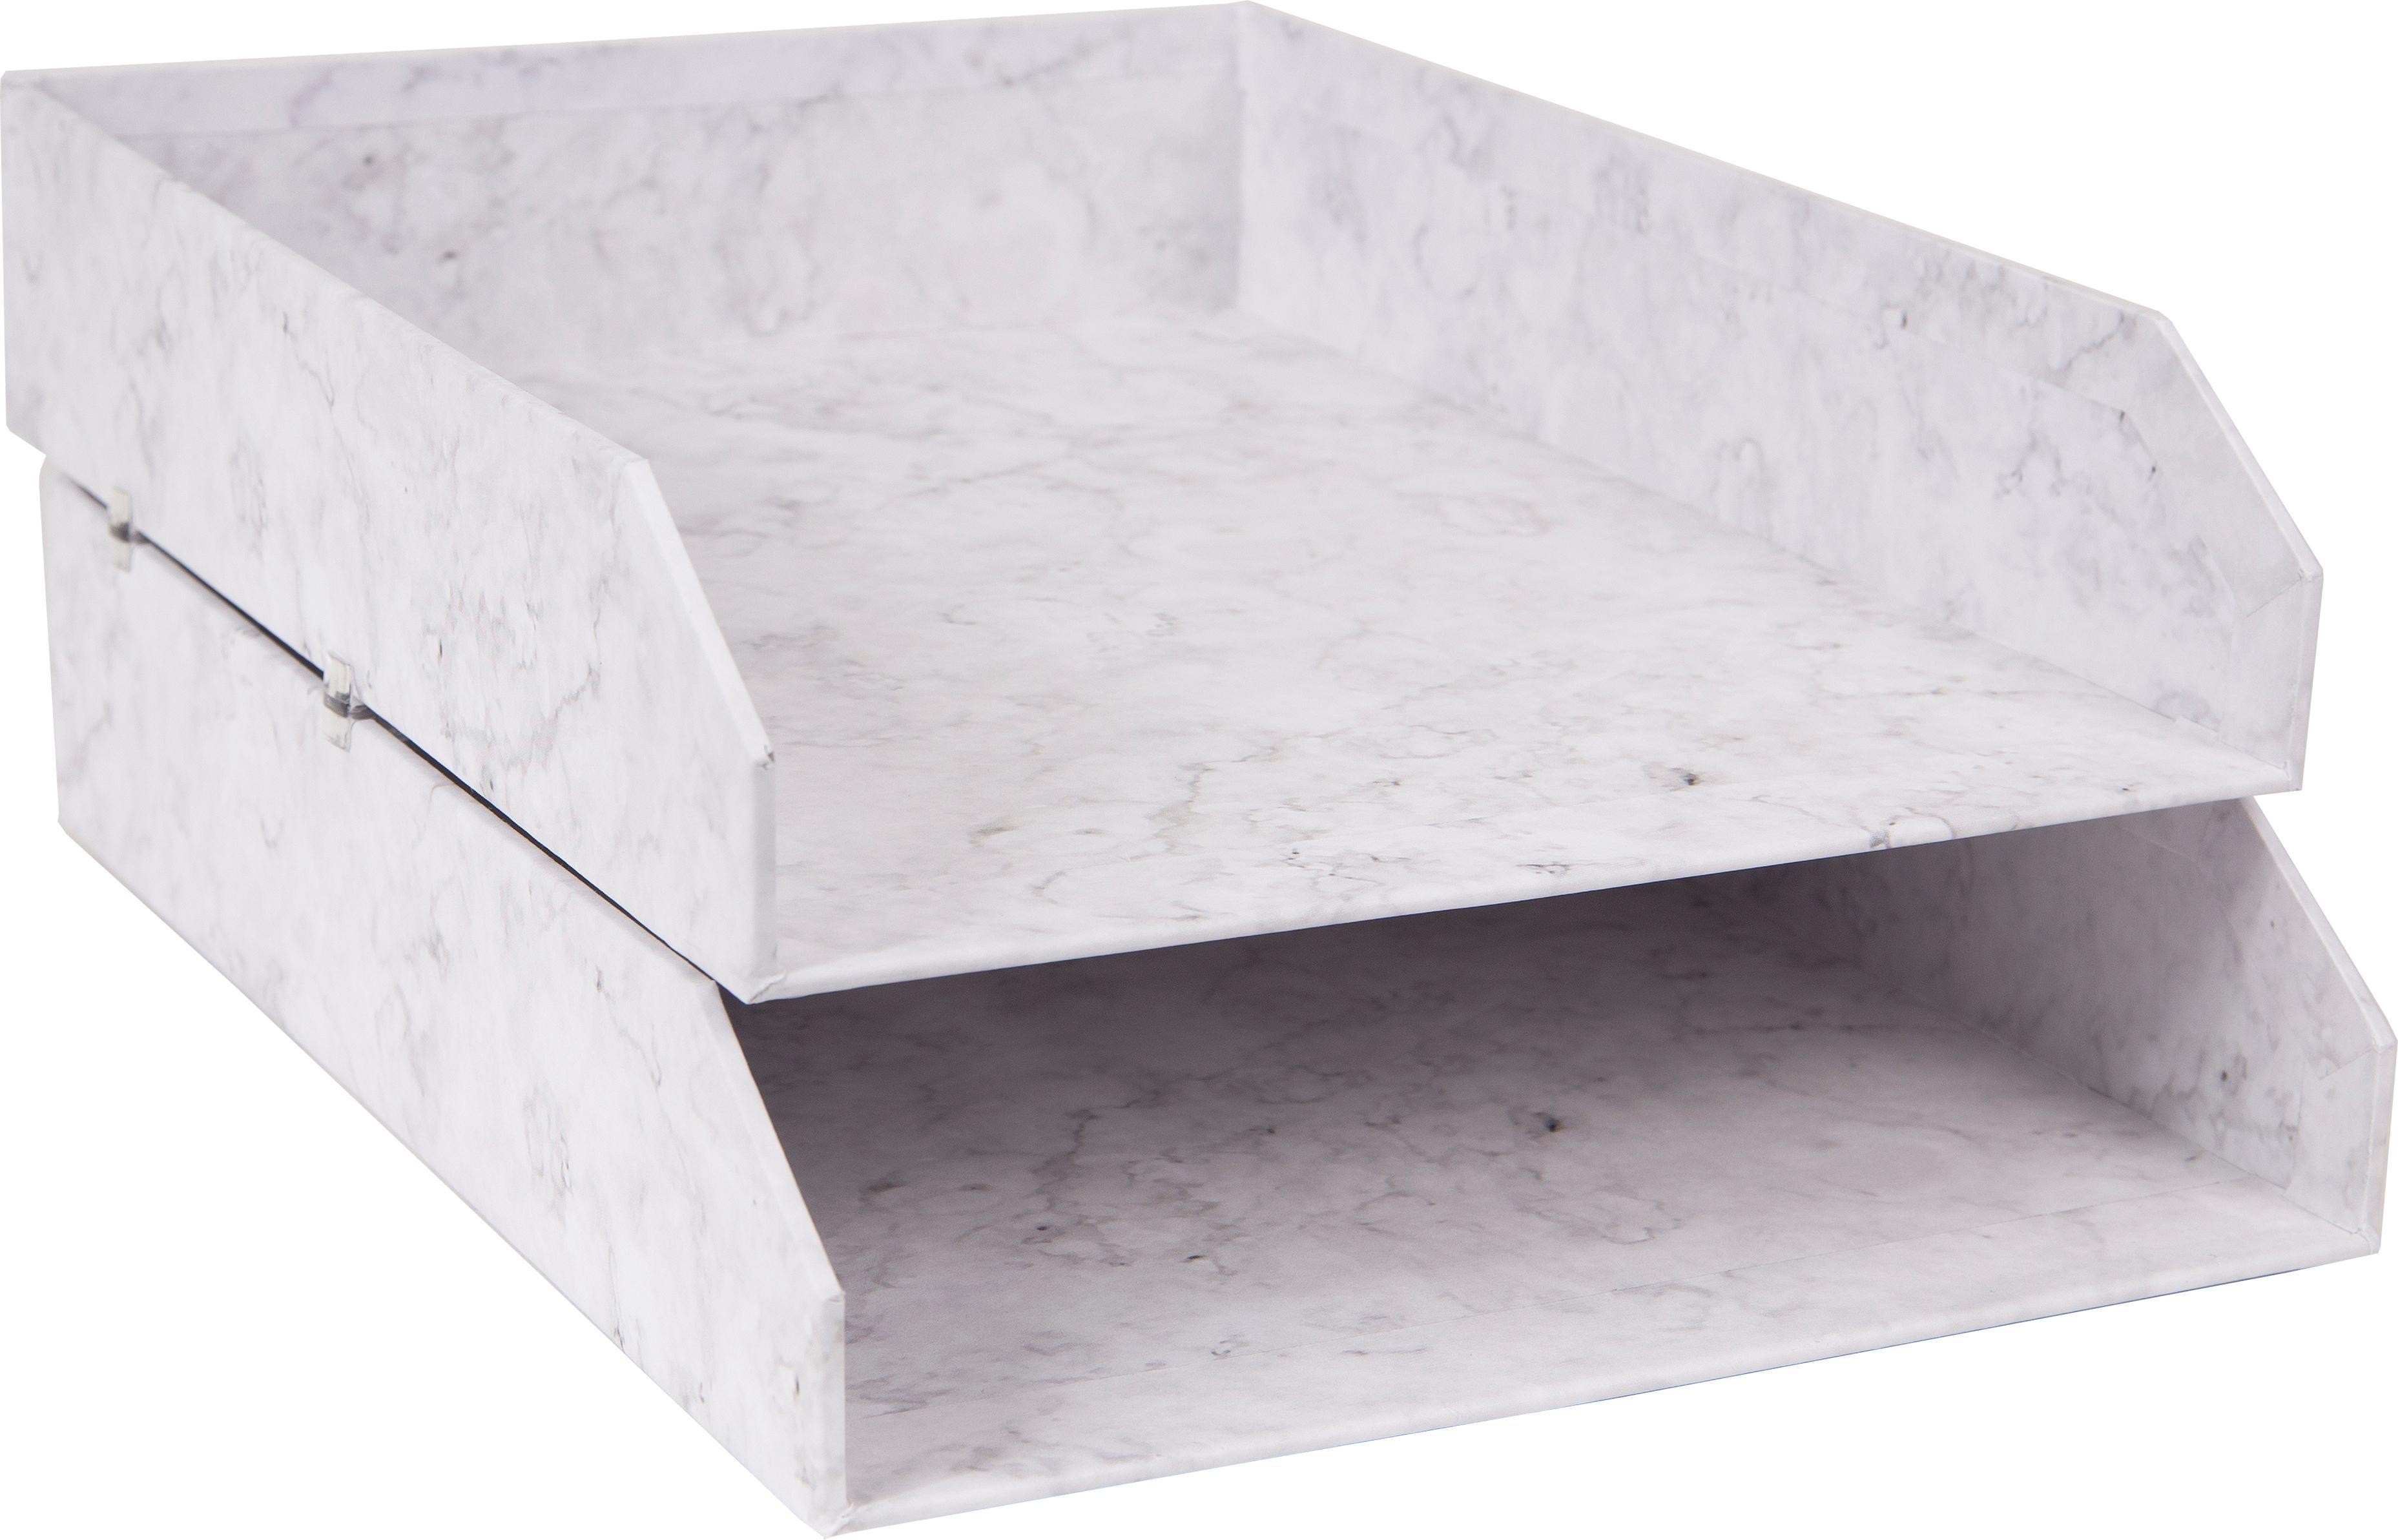 Organizer per documenti Hakan 2 pz, Solido, cartone laminato, Bianco marmorizzato, Larg. 23 x Prof. 31 cm